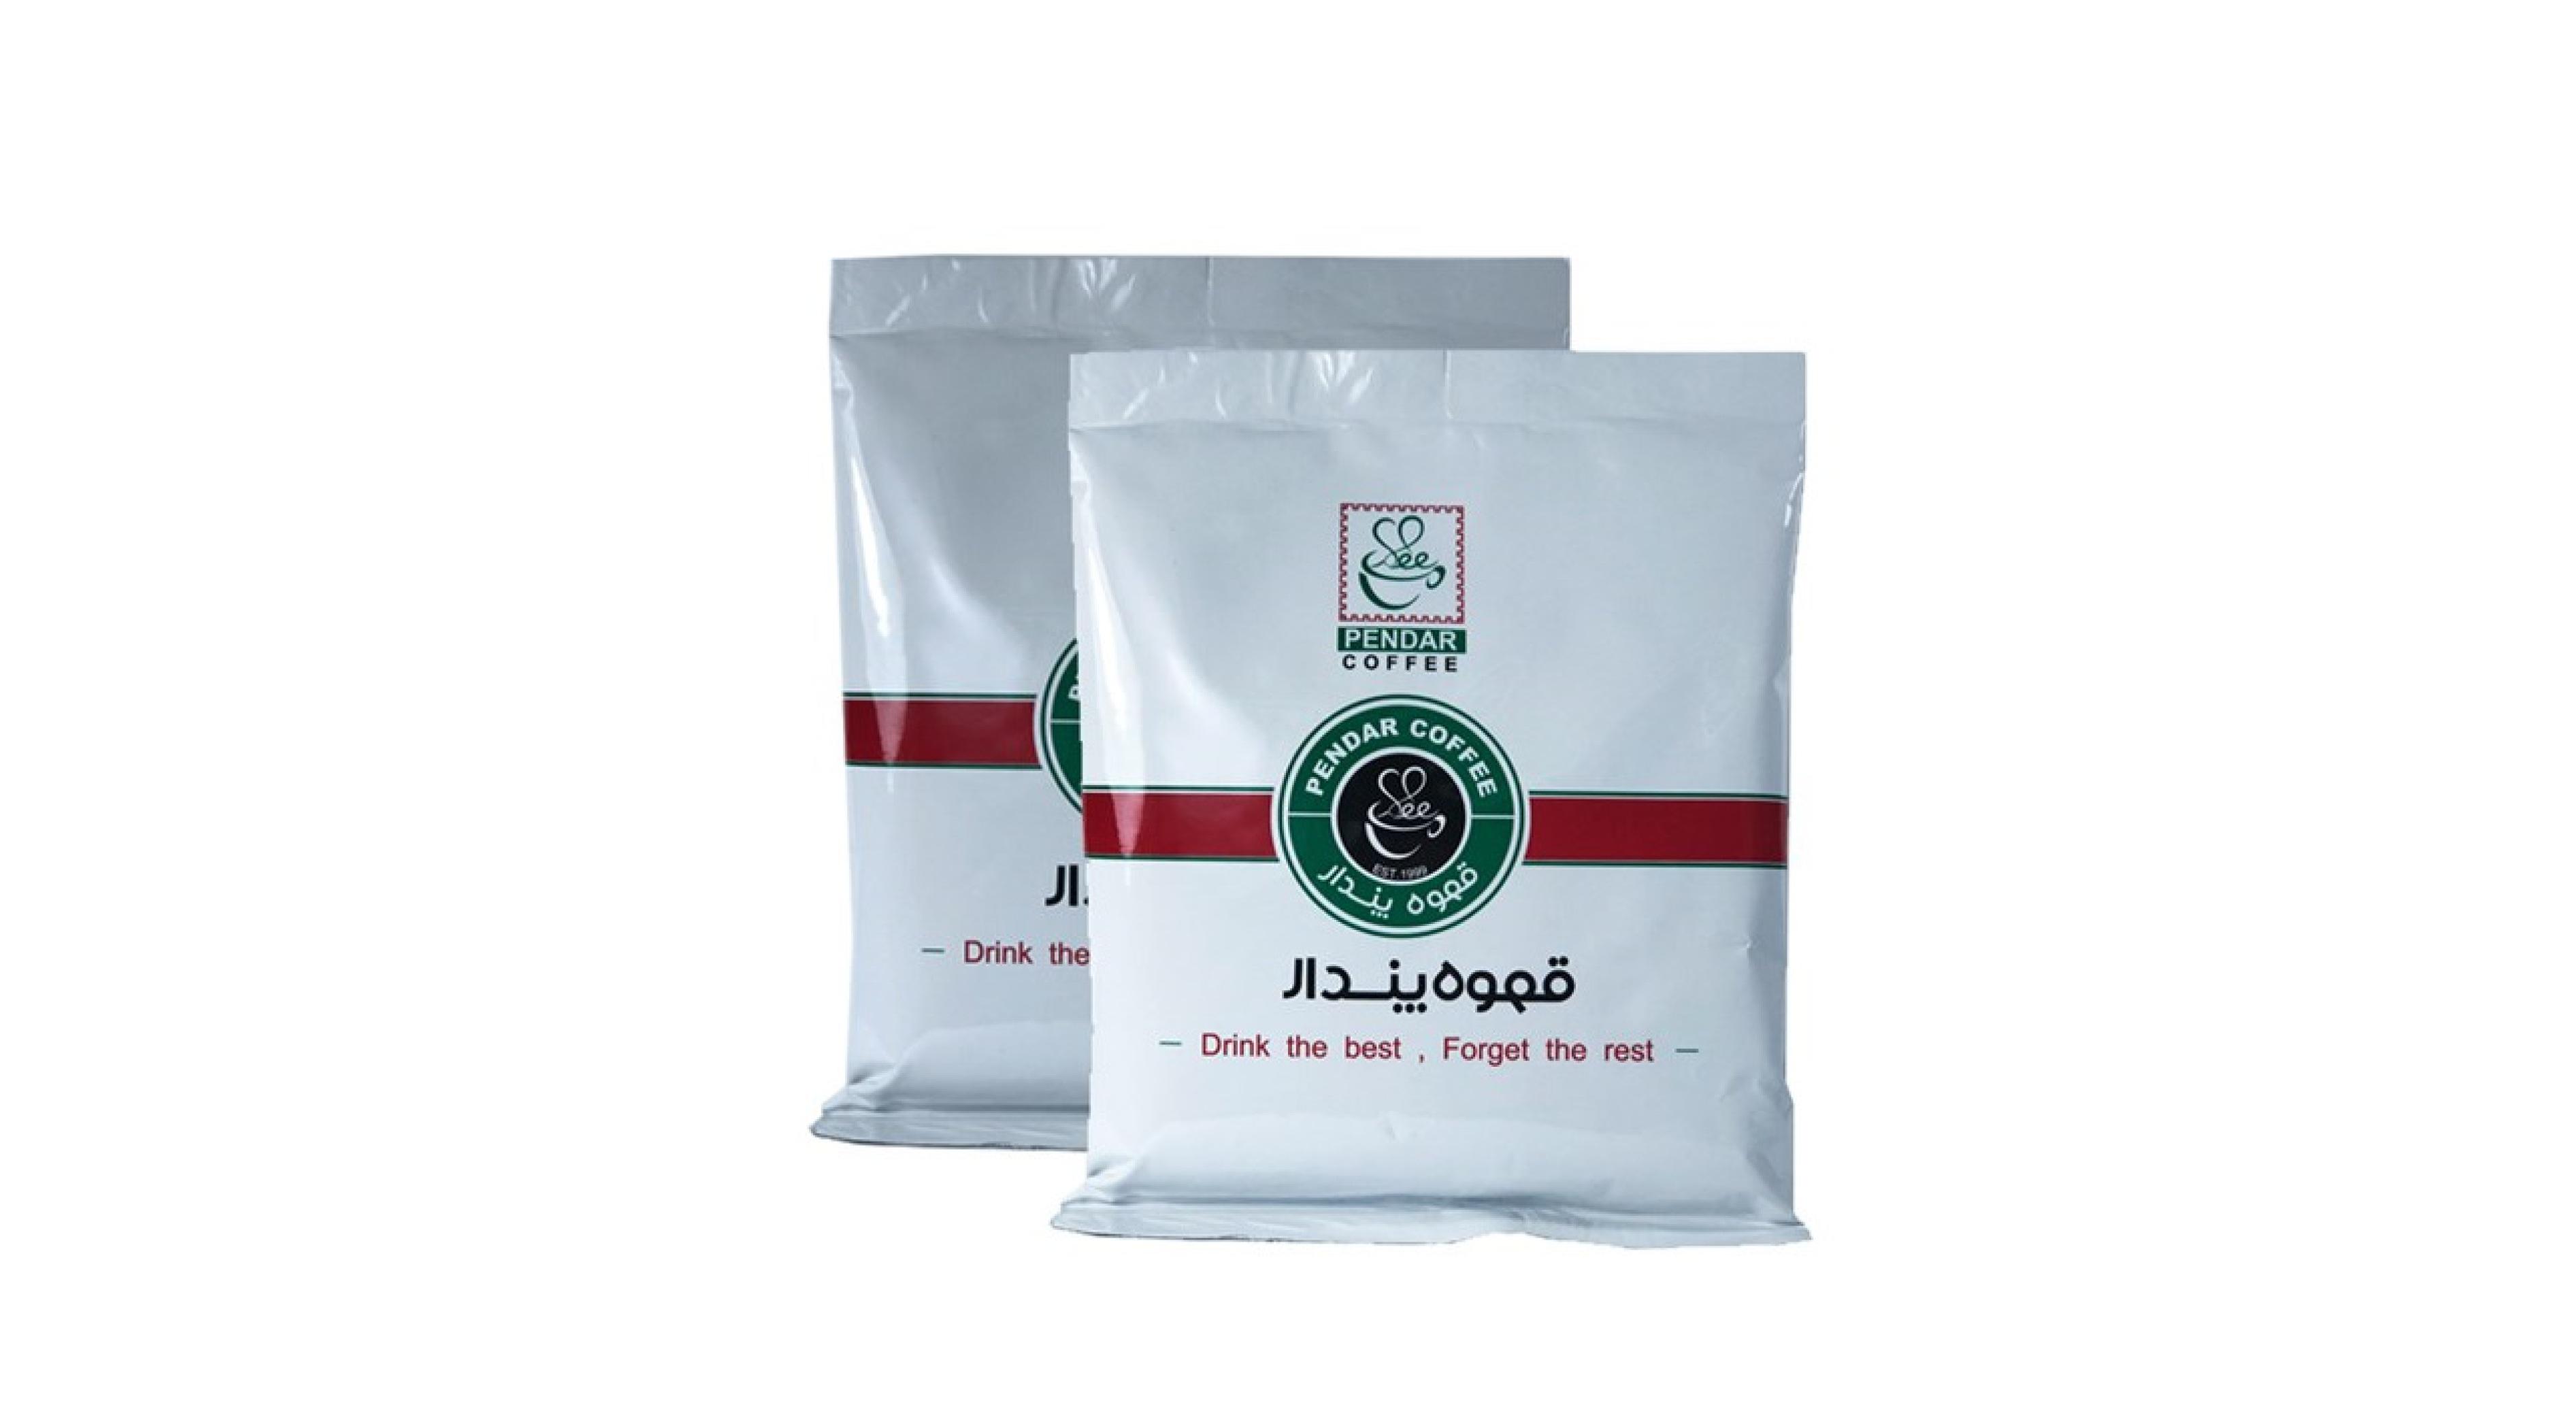 پودر قهوه اسپرسو s1 پندار فروشگاه وجی اسنک مرجع تخصصی قهوه های شرکتی و فله